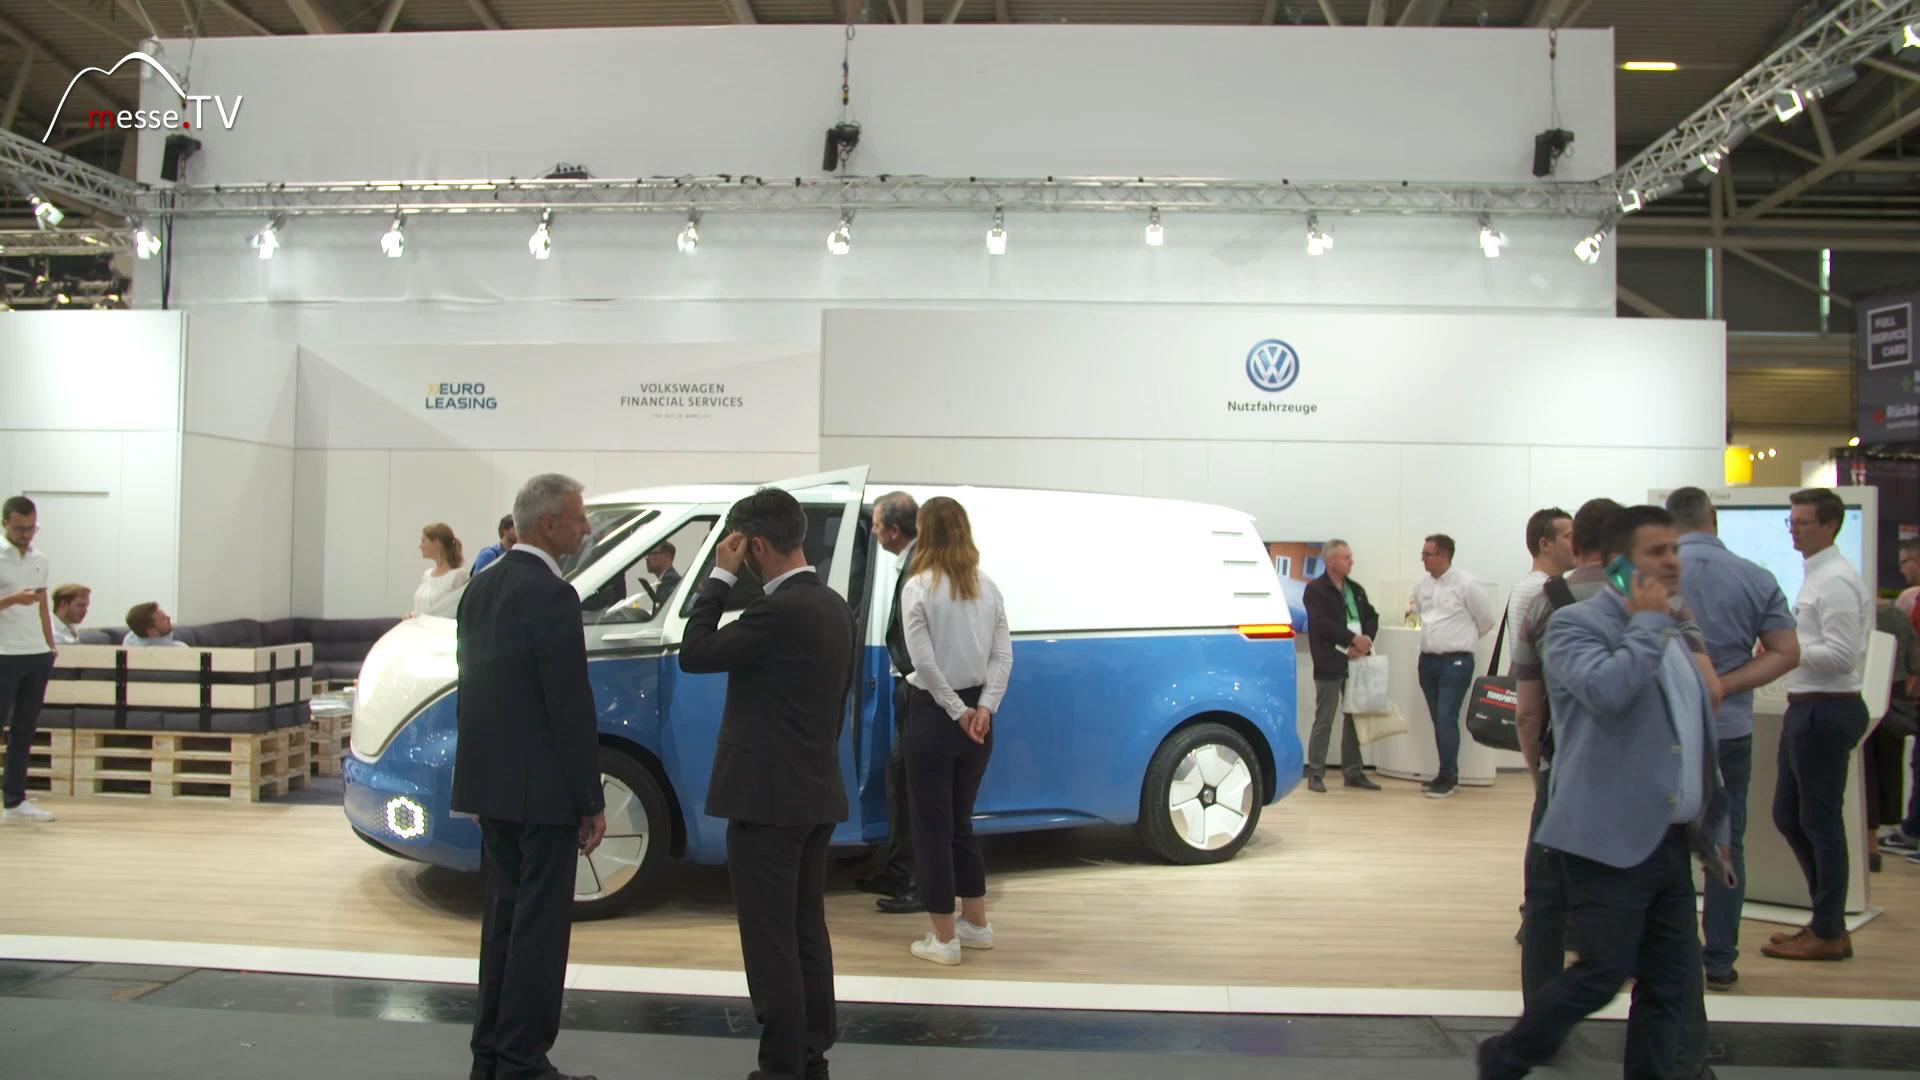 VW Nutzfahrzeuge: transport logistic 2019, Messe München